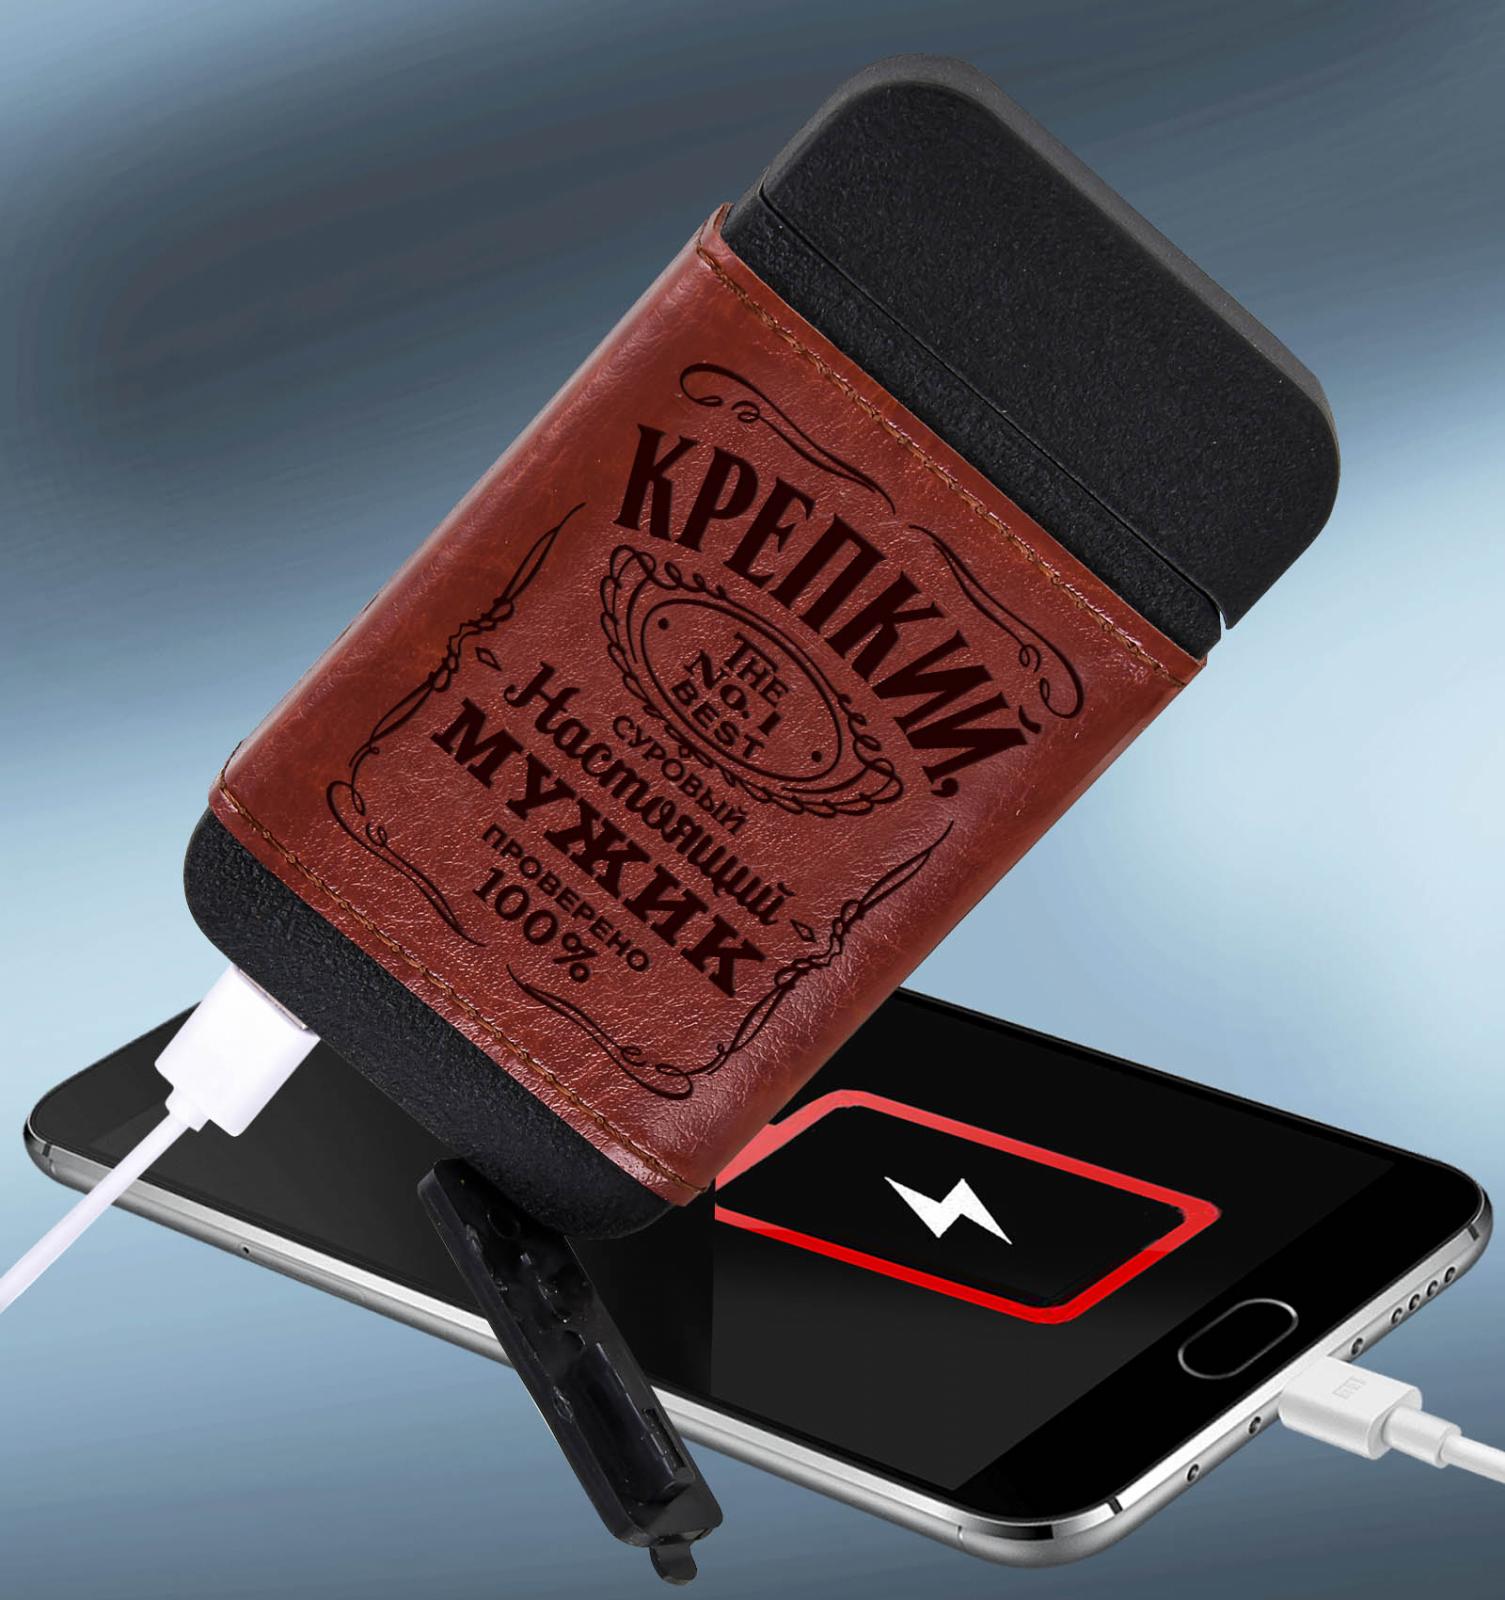 Зажигалка Крепкий мужик с функцией PowerBank 1500 mAh